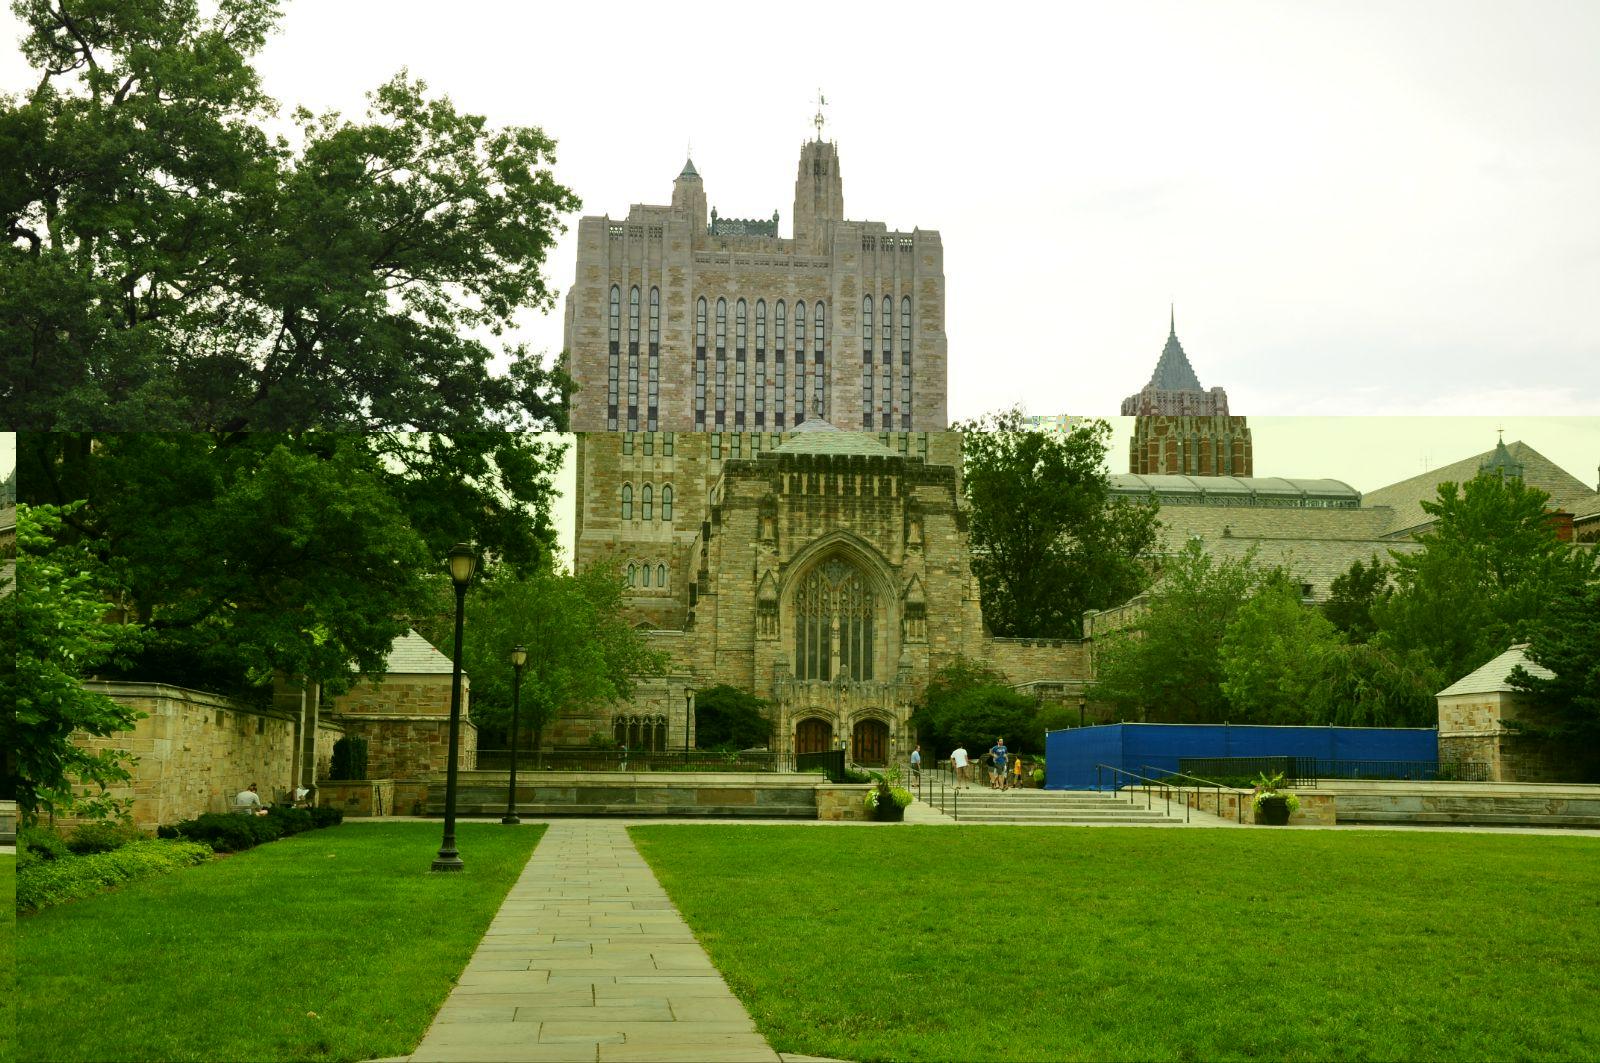 2017耶鲁大学文书申请题  吸引你的地方在哪里